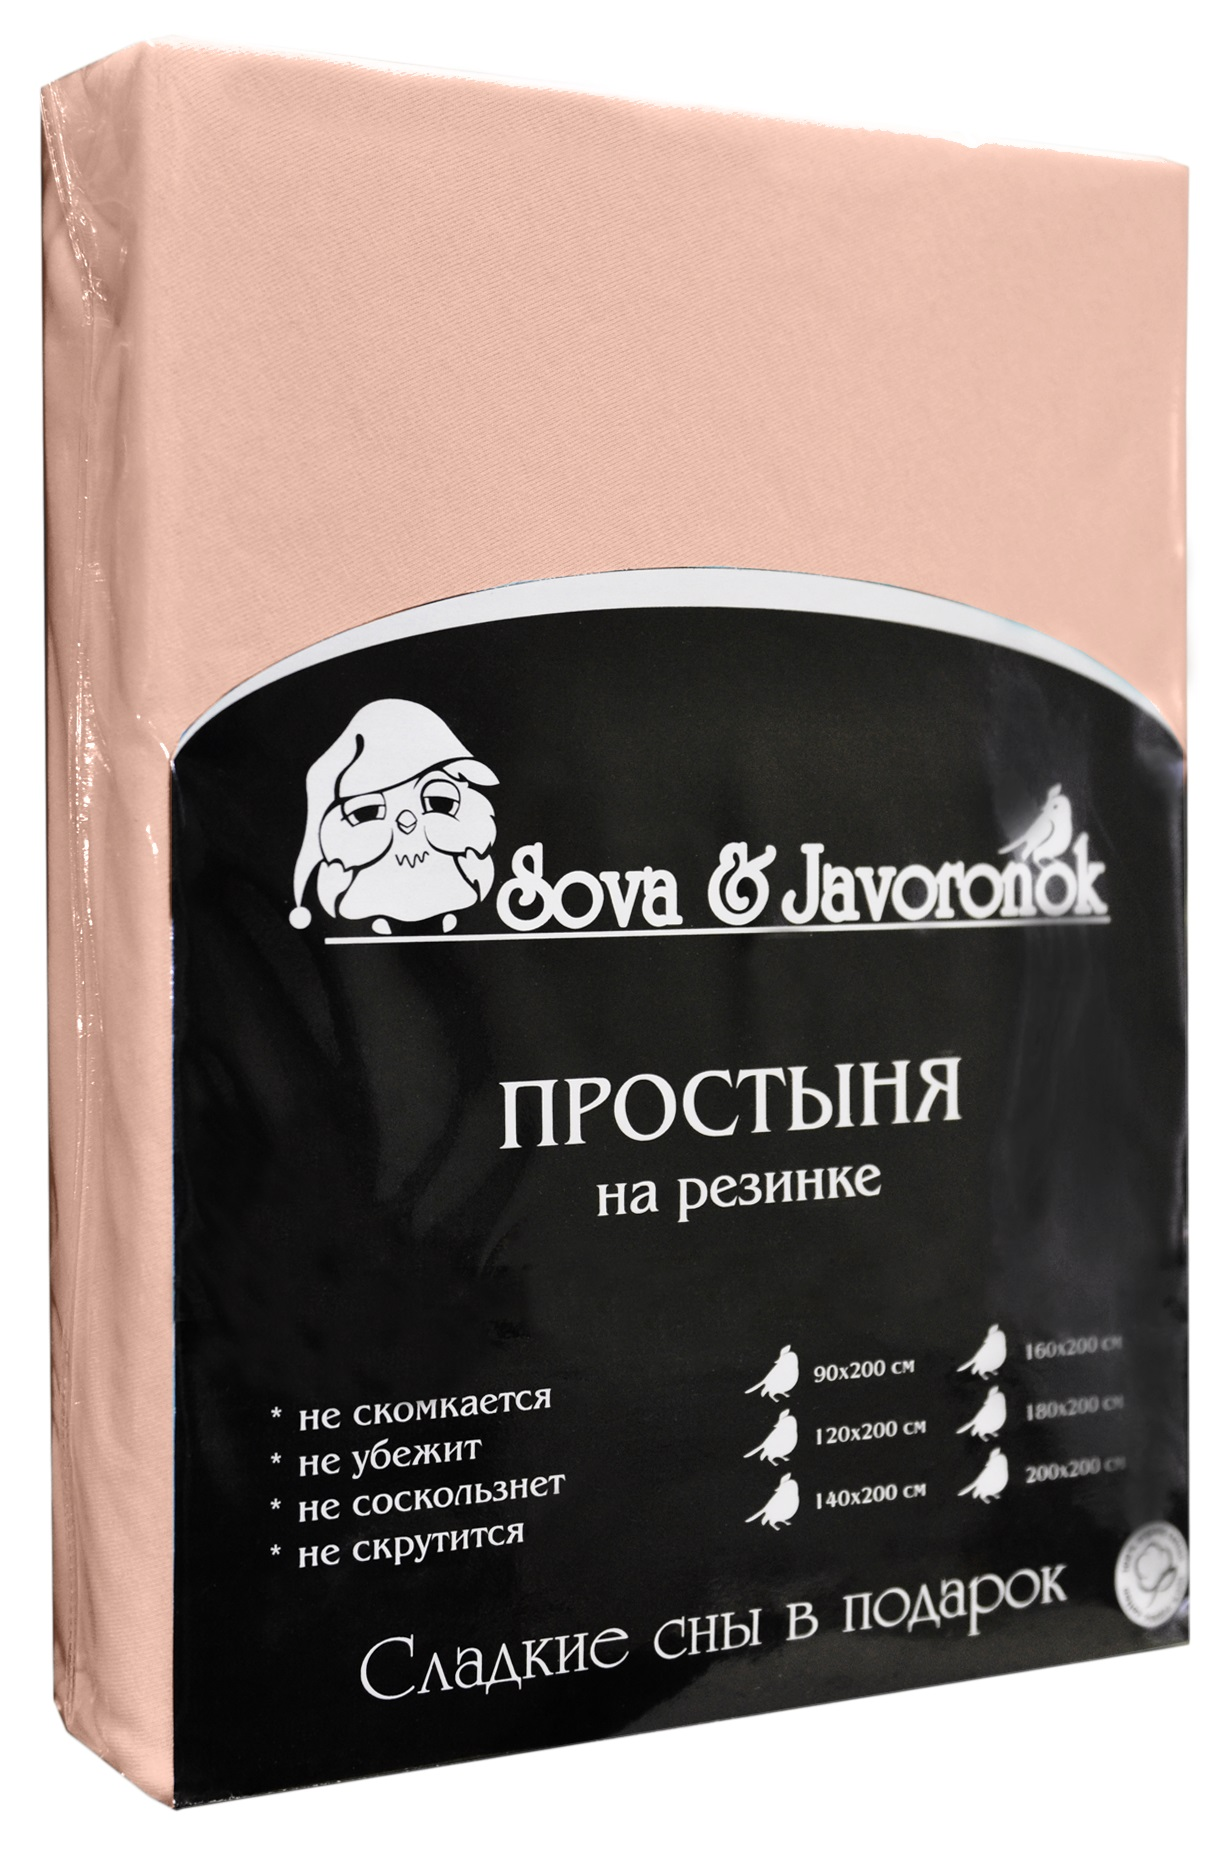 Простыня на резинке Sova & Javoronok, цвет: персиковый, 90 см х 200 см0803113692Простыня на резинке Sova & Javoronok, изготовленная из трикотажной ткани (100% хлопок), будет превосходно смотреться с любыми комплектами белья. Хлопчатобумажный трикотаж по праву считается одним из самых качественных, прочных и при этом приятных на ощупь. Его гигиеничность позволяет использовать простыню и в детских комнатах, к тому же 100%-ый хлопок в составе ткани не вызовет аллергии. У трикотажного полотна очень интересная структура, немного рыхлая за счет отсутствия плотного переплетения нитей и наличия особых петель, благодаря этому простыня Сова и Жаворонок отлично пропускает воздух и способствует его постоянной циркуляции. Поэтому ваша постель будет всегда оставаться свежей. Но главное и, пожалуй, самое известное свойство трикотажа - это его великолепная растяжимость, поэтому эта ткань и была выбрана для натяжной простыни на резинке.Простыня прошита резинкой по всему периметру, что обеспечивает более комфортный отдых, так как она прочно удерживается на матрасе и избавляет от необходимости часто поправлять простыню.